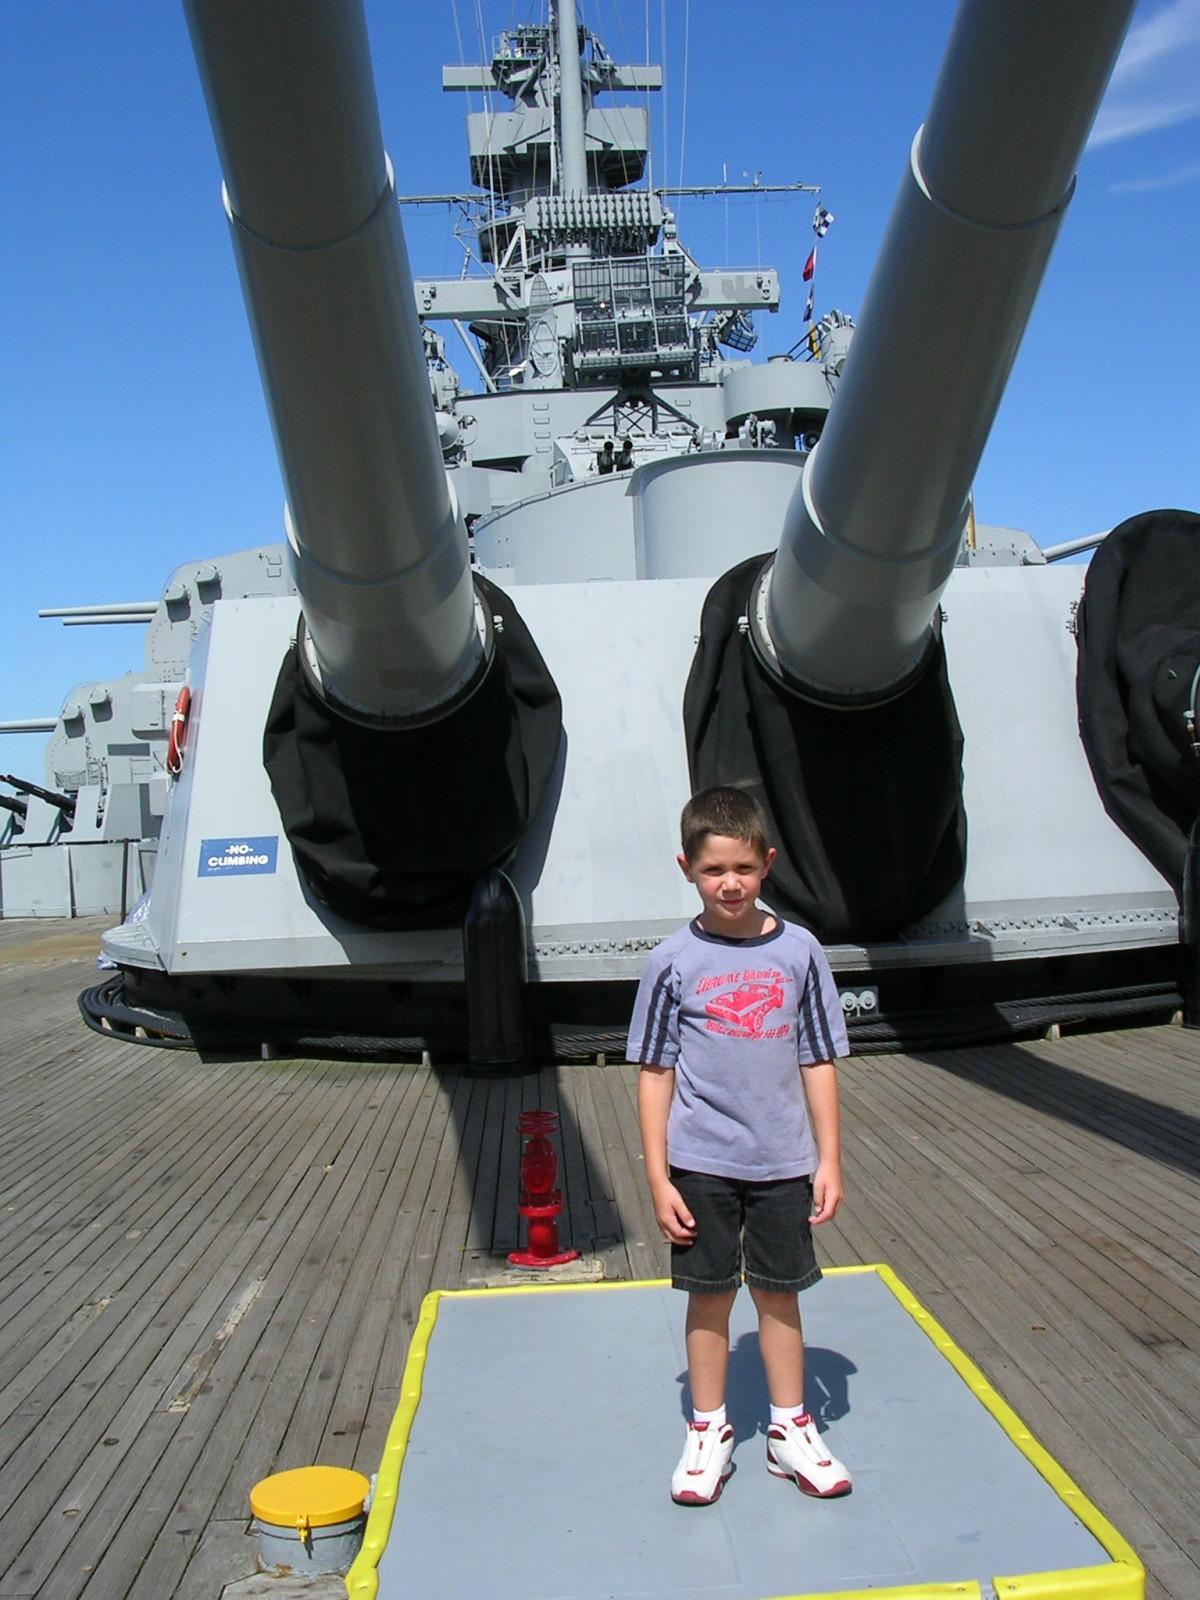 On the Battleship